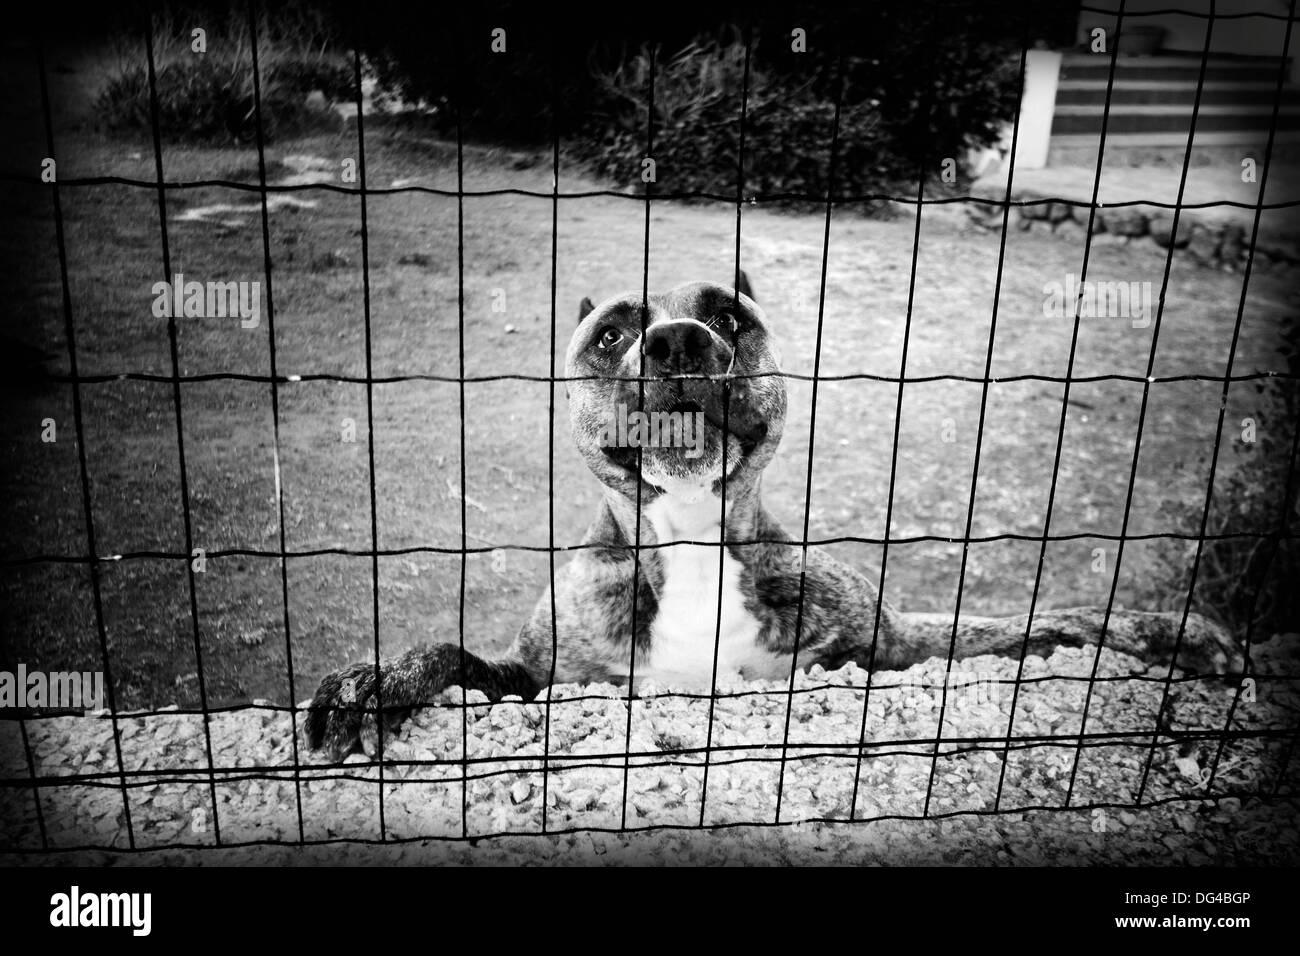 Perro peligroso mirando con cara de pena detras de una jaula Stock Photo